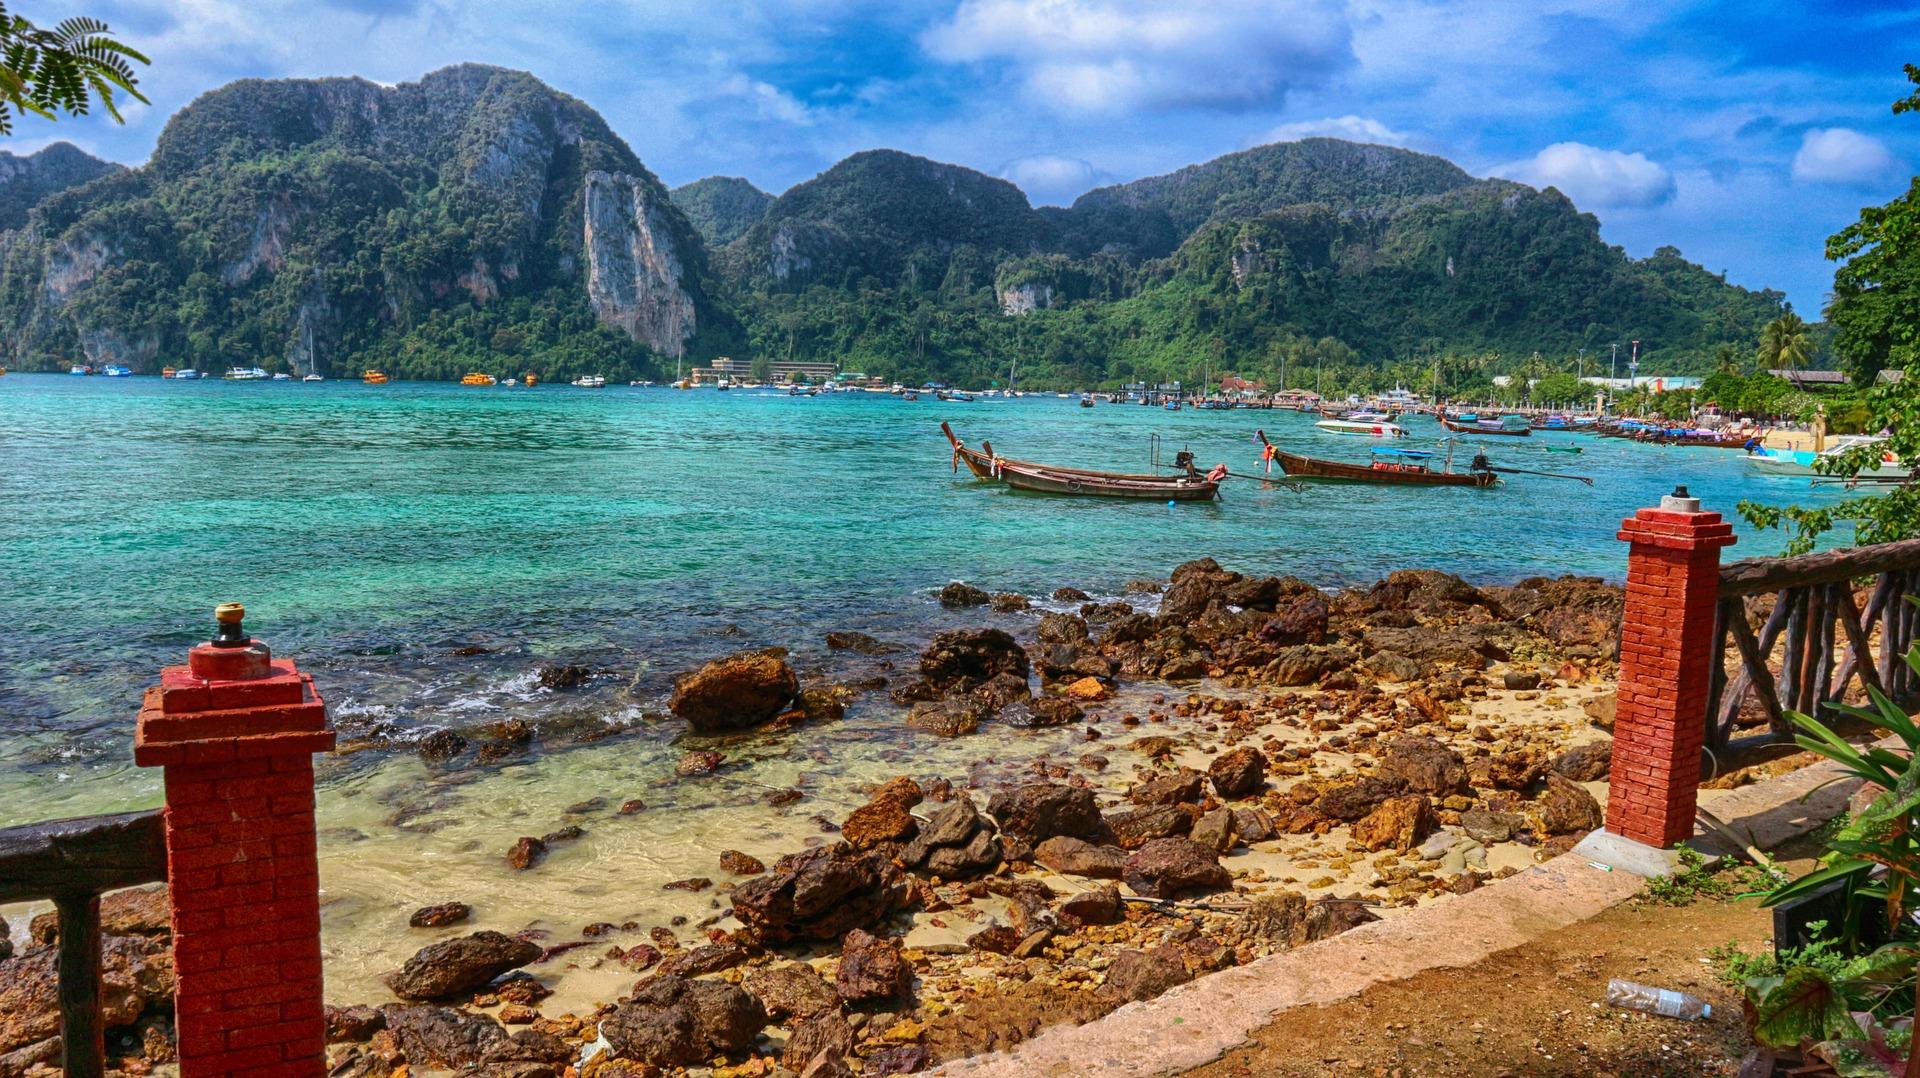 Koh Phi Phi promete uma visita rápida e inesquecível